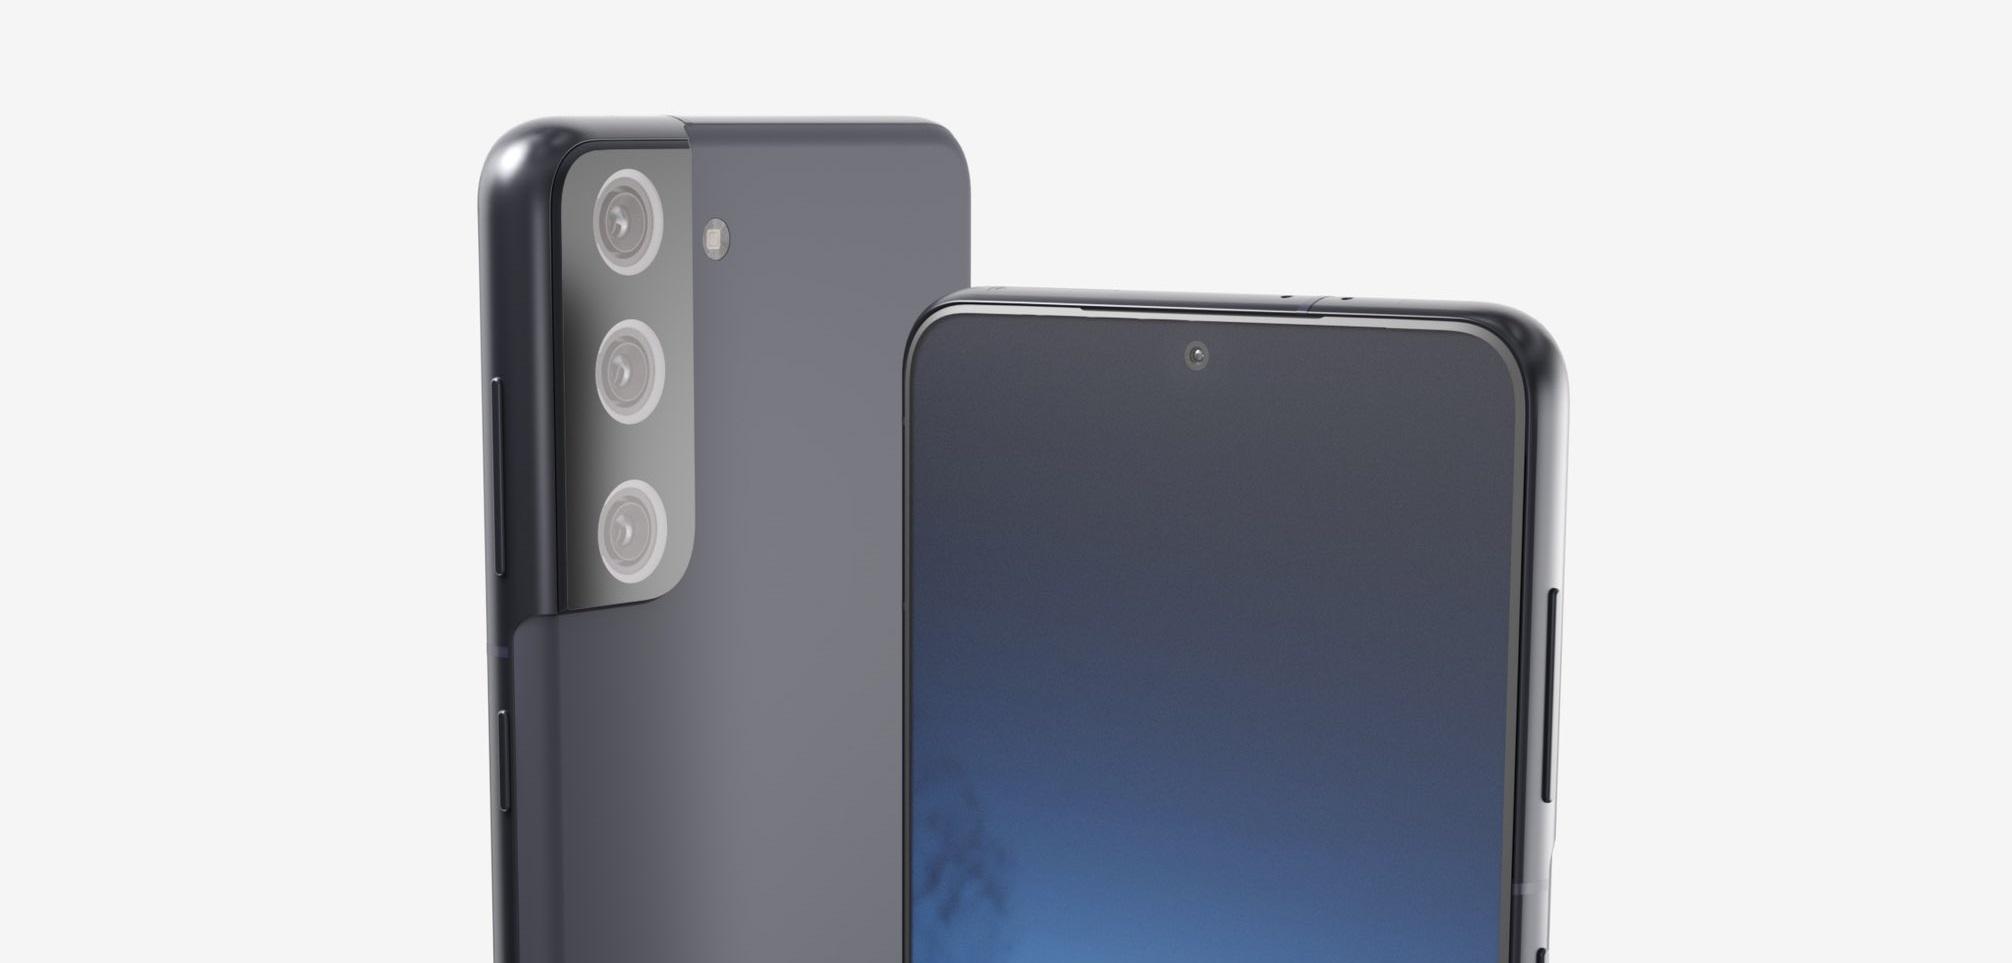 تسريبات جديدة تكشف عن بعض تفاصيل شاشات هواتف Samsung Galaxy S21